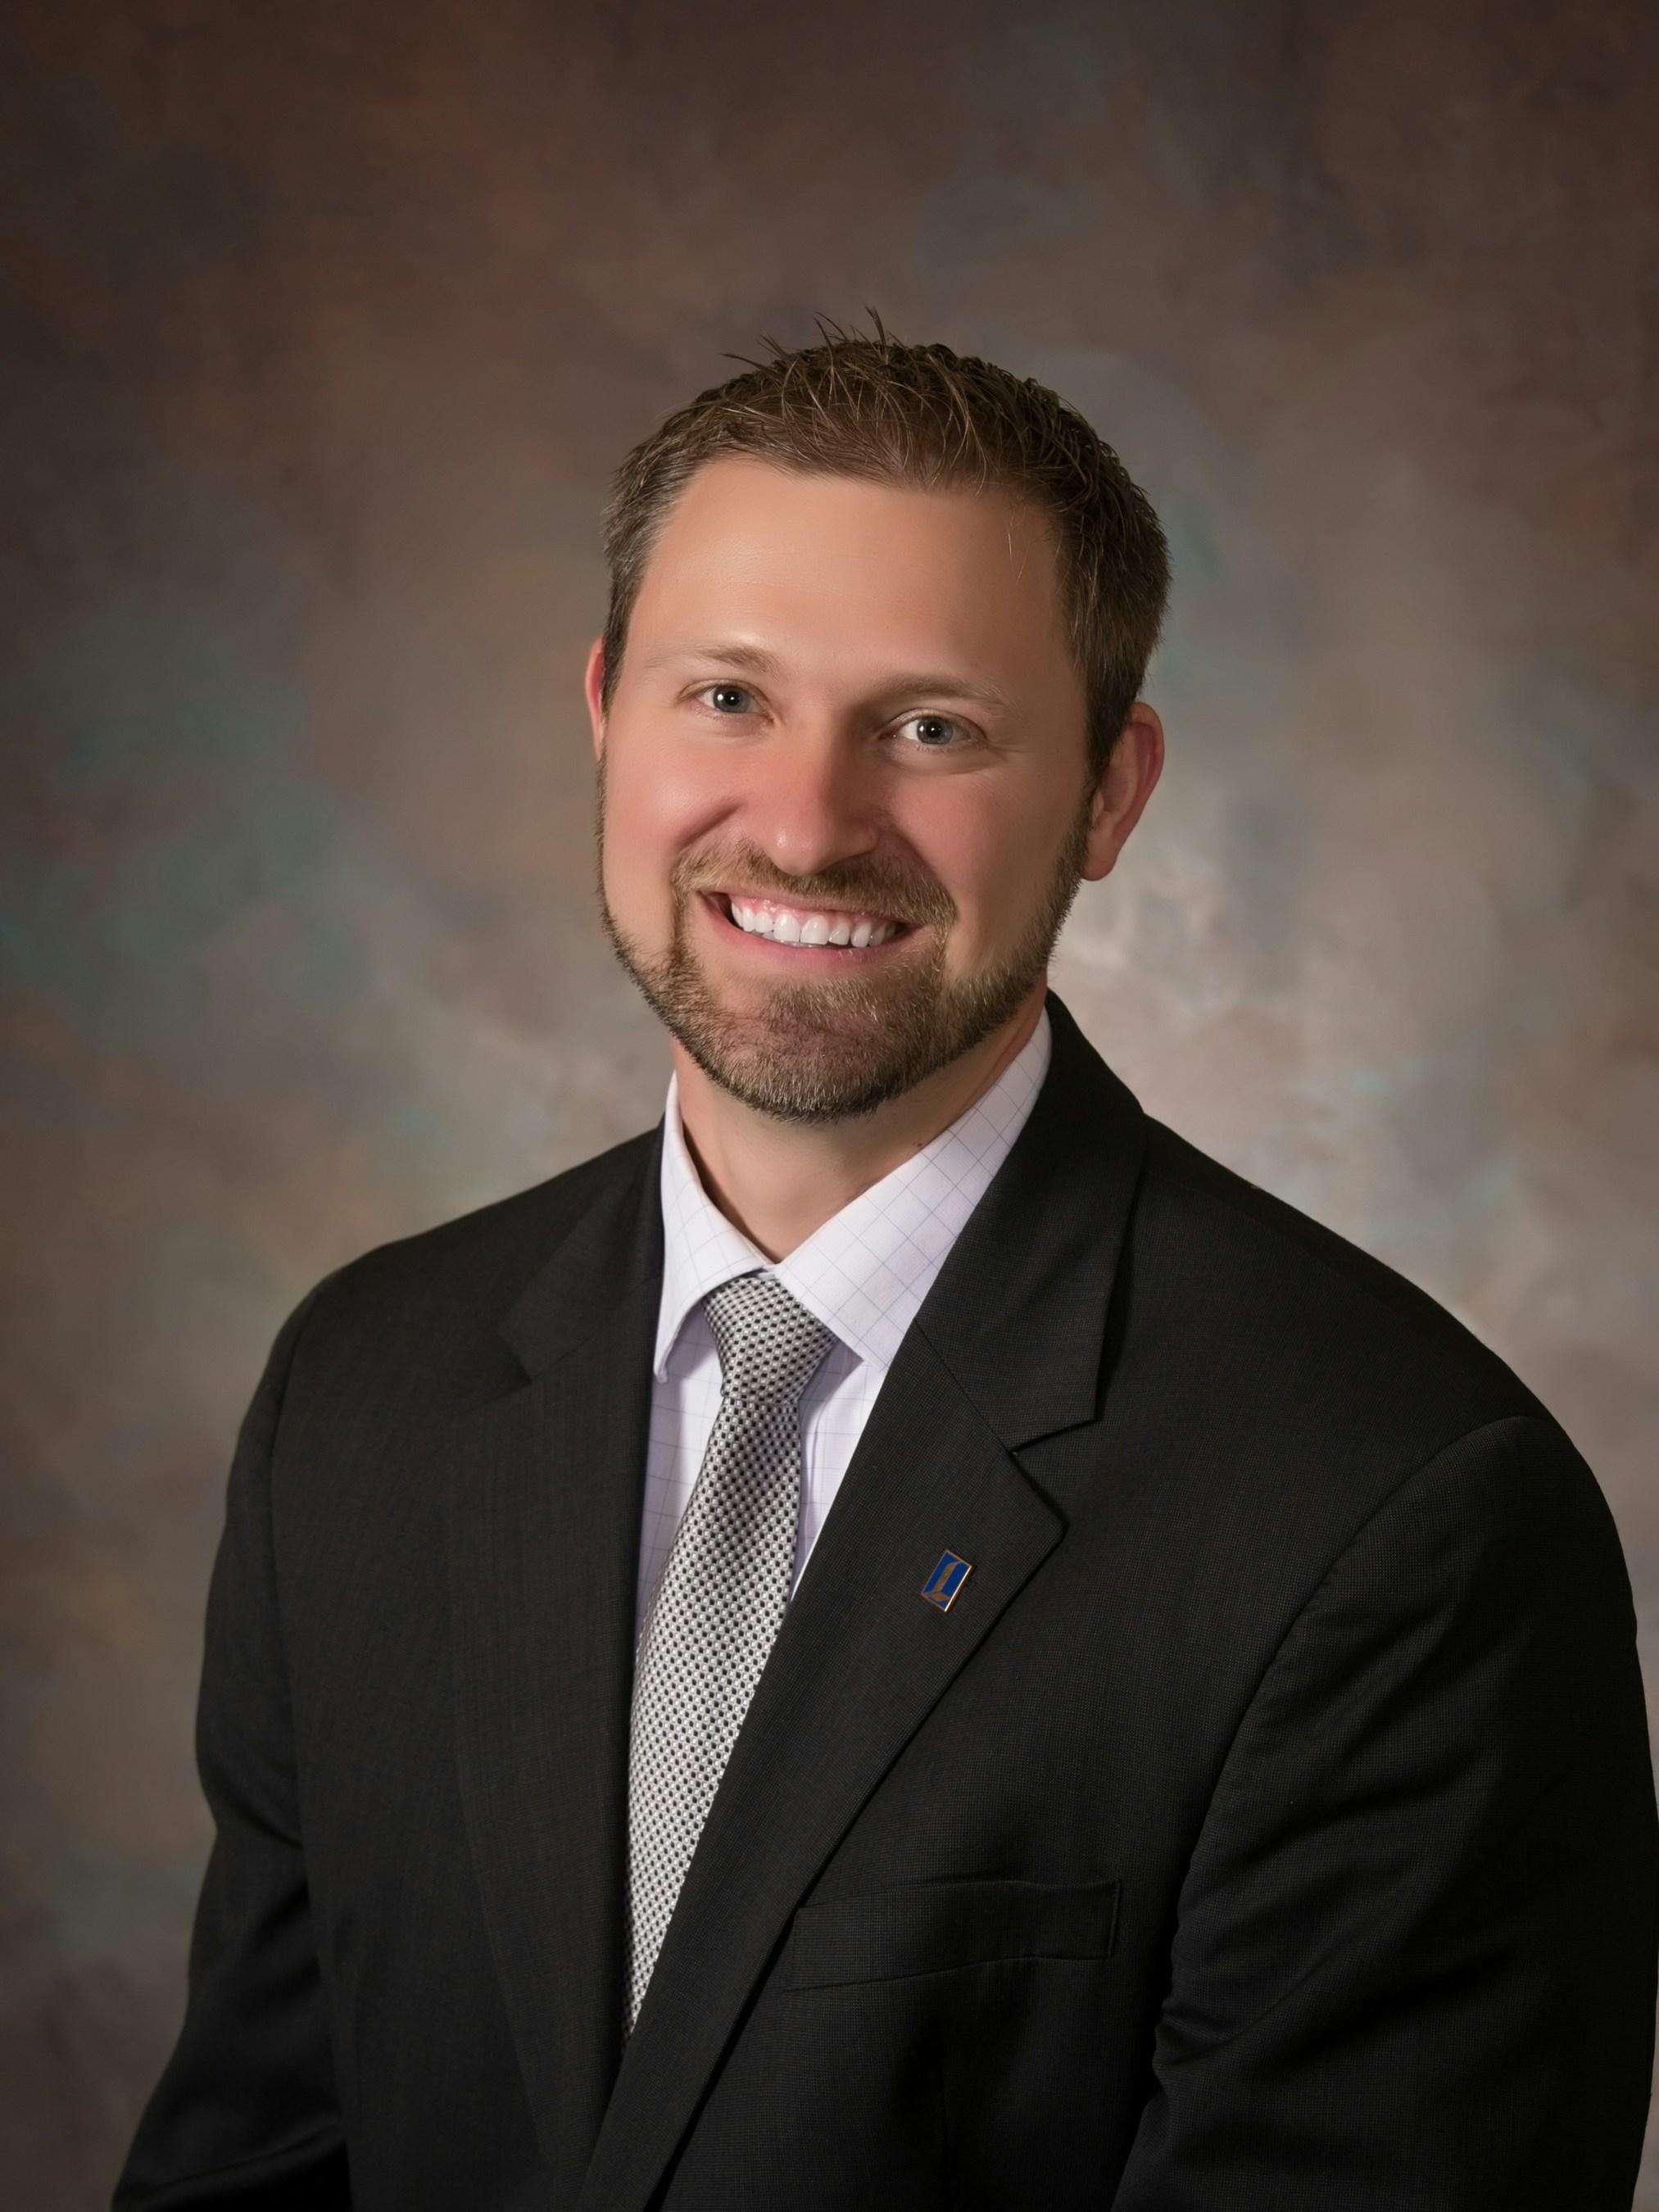 Eric Tusing, Senior Vice President, Senior Commercial Lender for our Richmond Region.